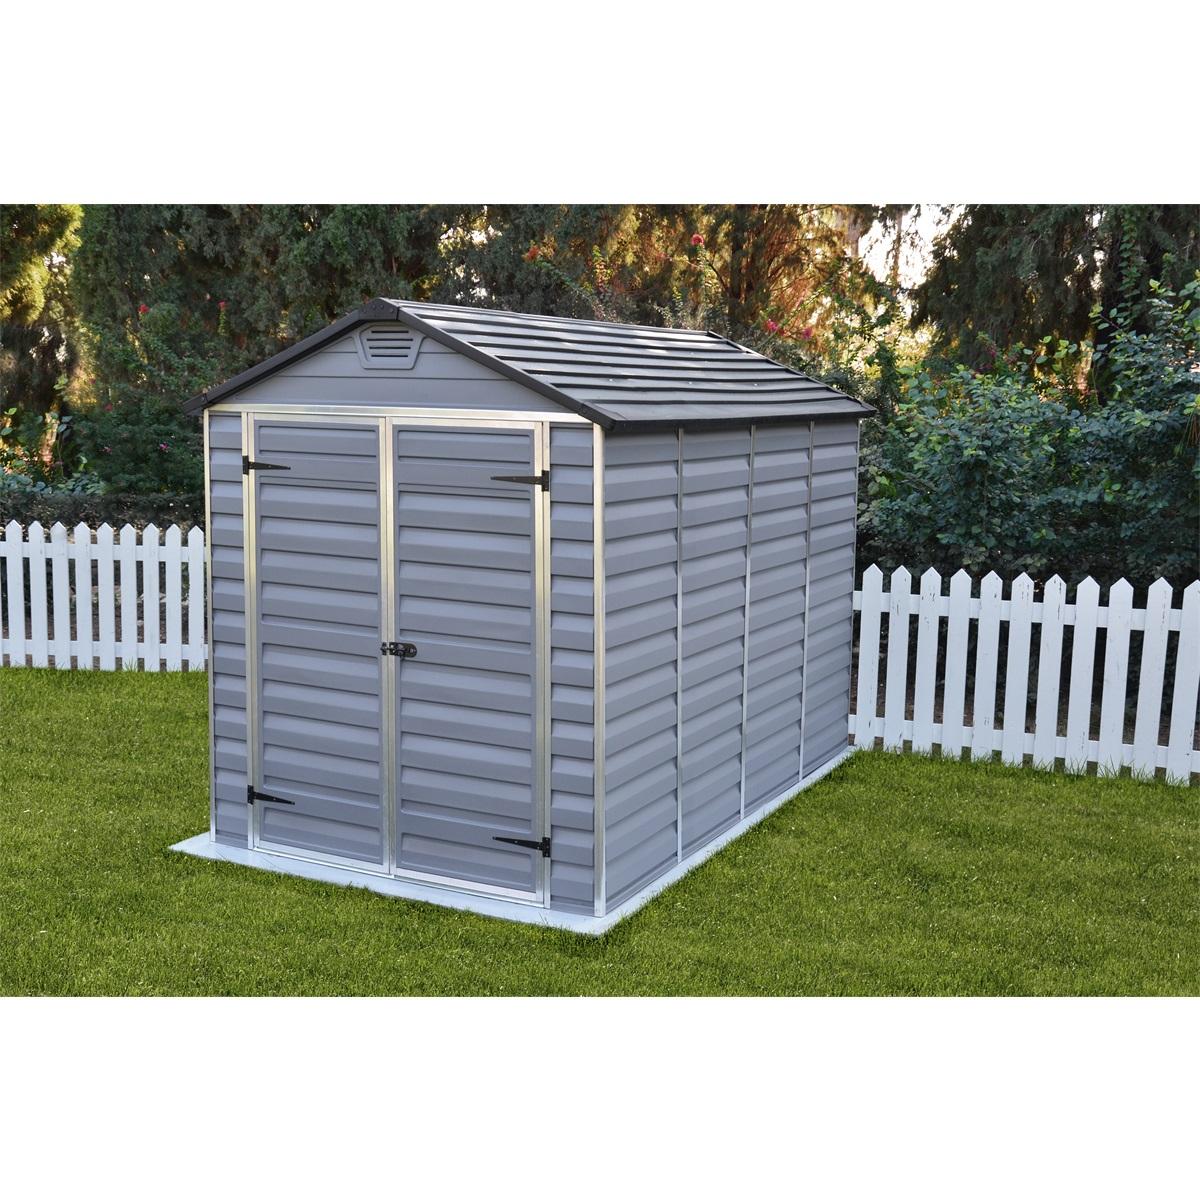 Palram Skylight 6x10 šedý, záhradný domček